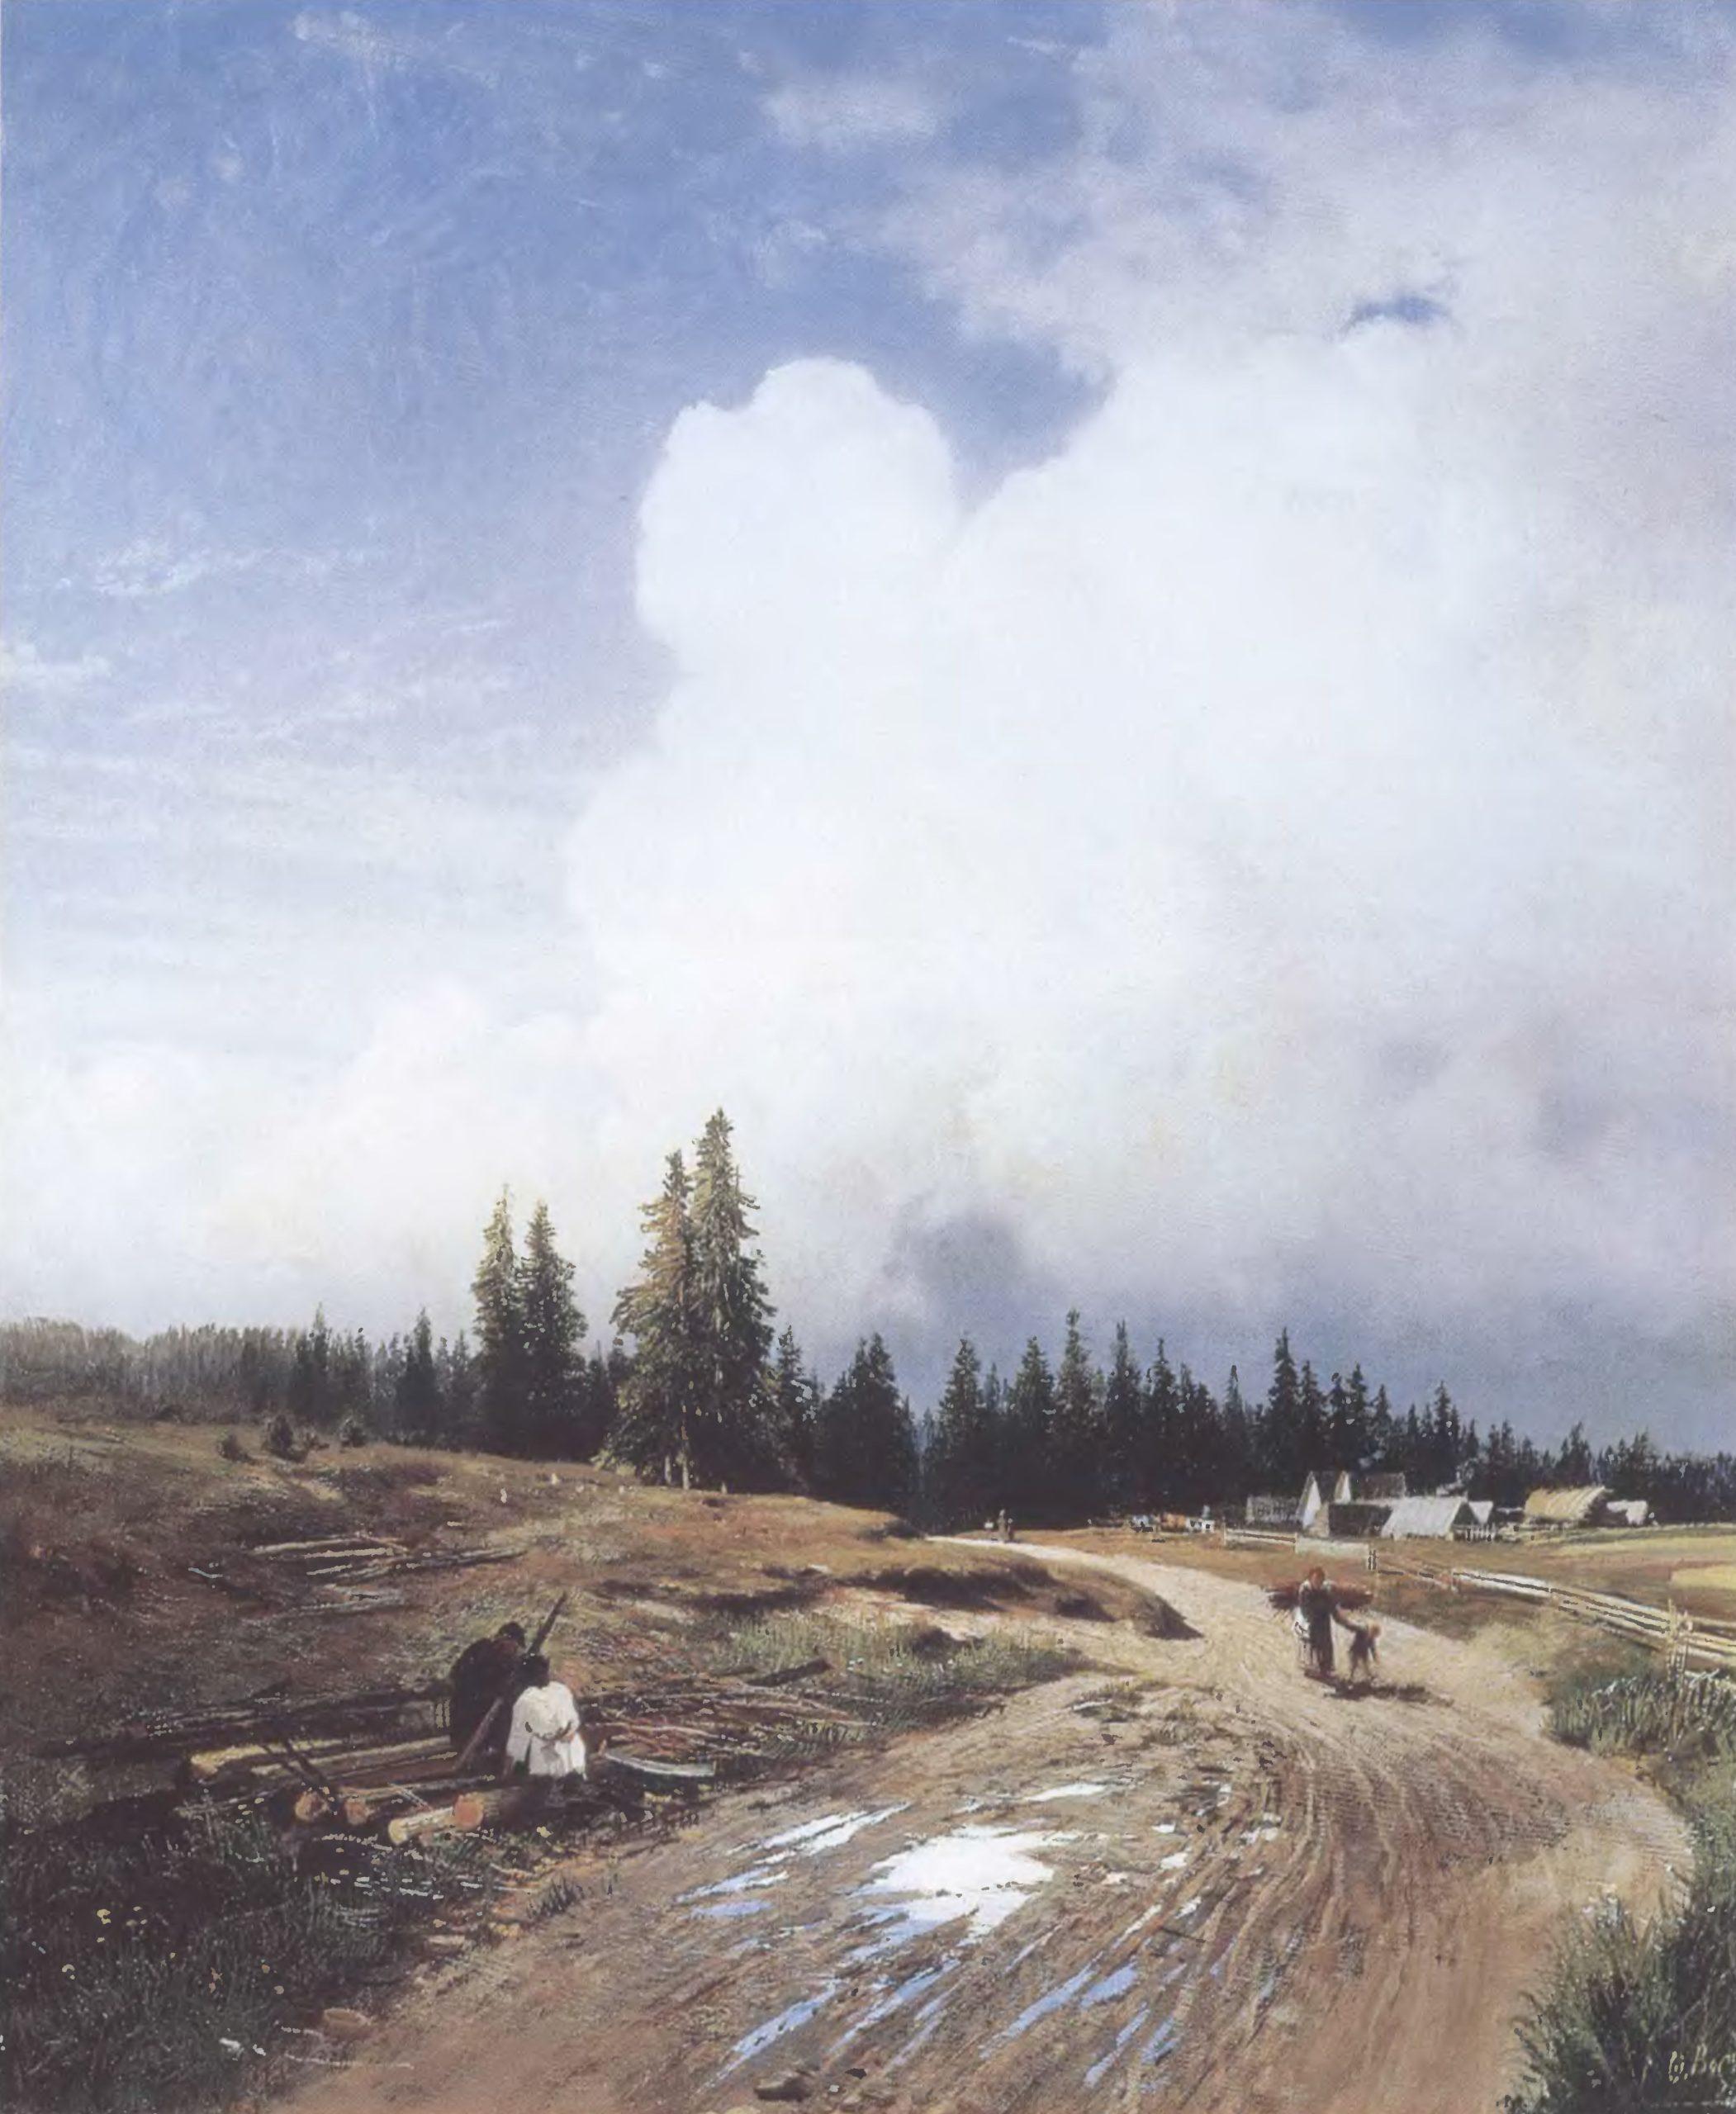 ФЕДОР ВАСИЛЬЕВ. После грозы. 1868. Холст, масло. 53,5 х 45 см. Государственная Третьяковская галерея